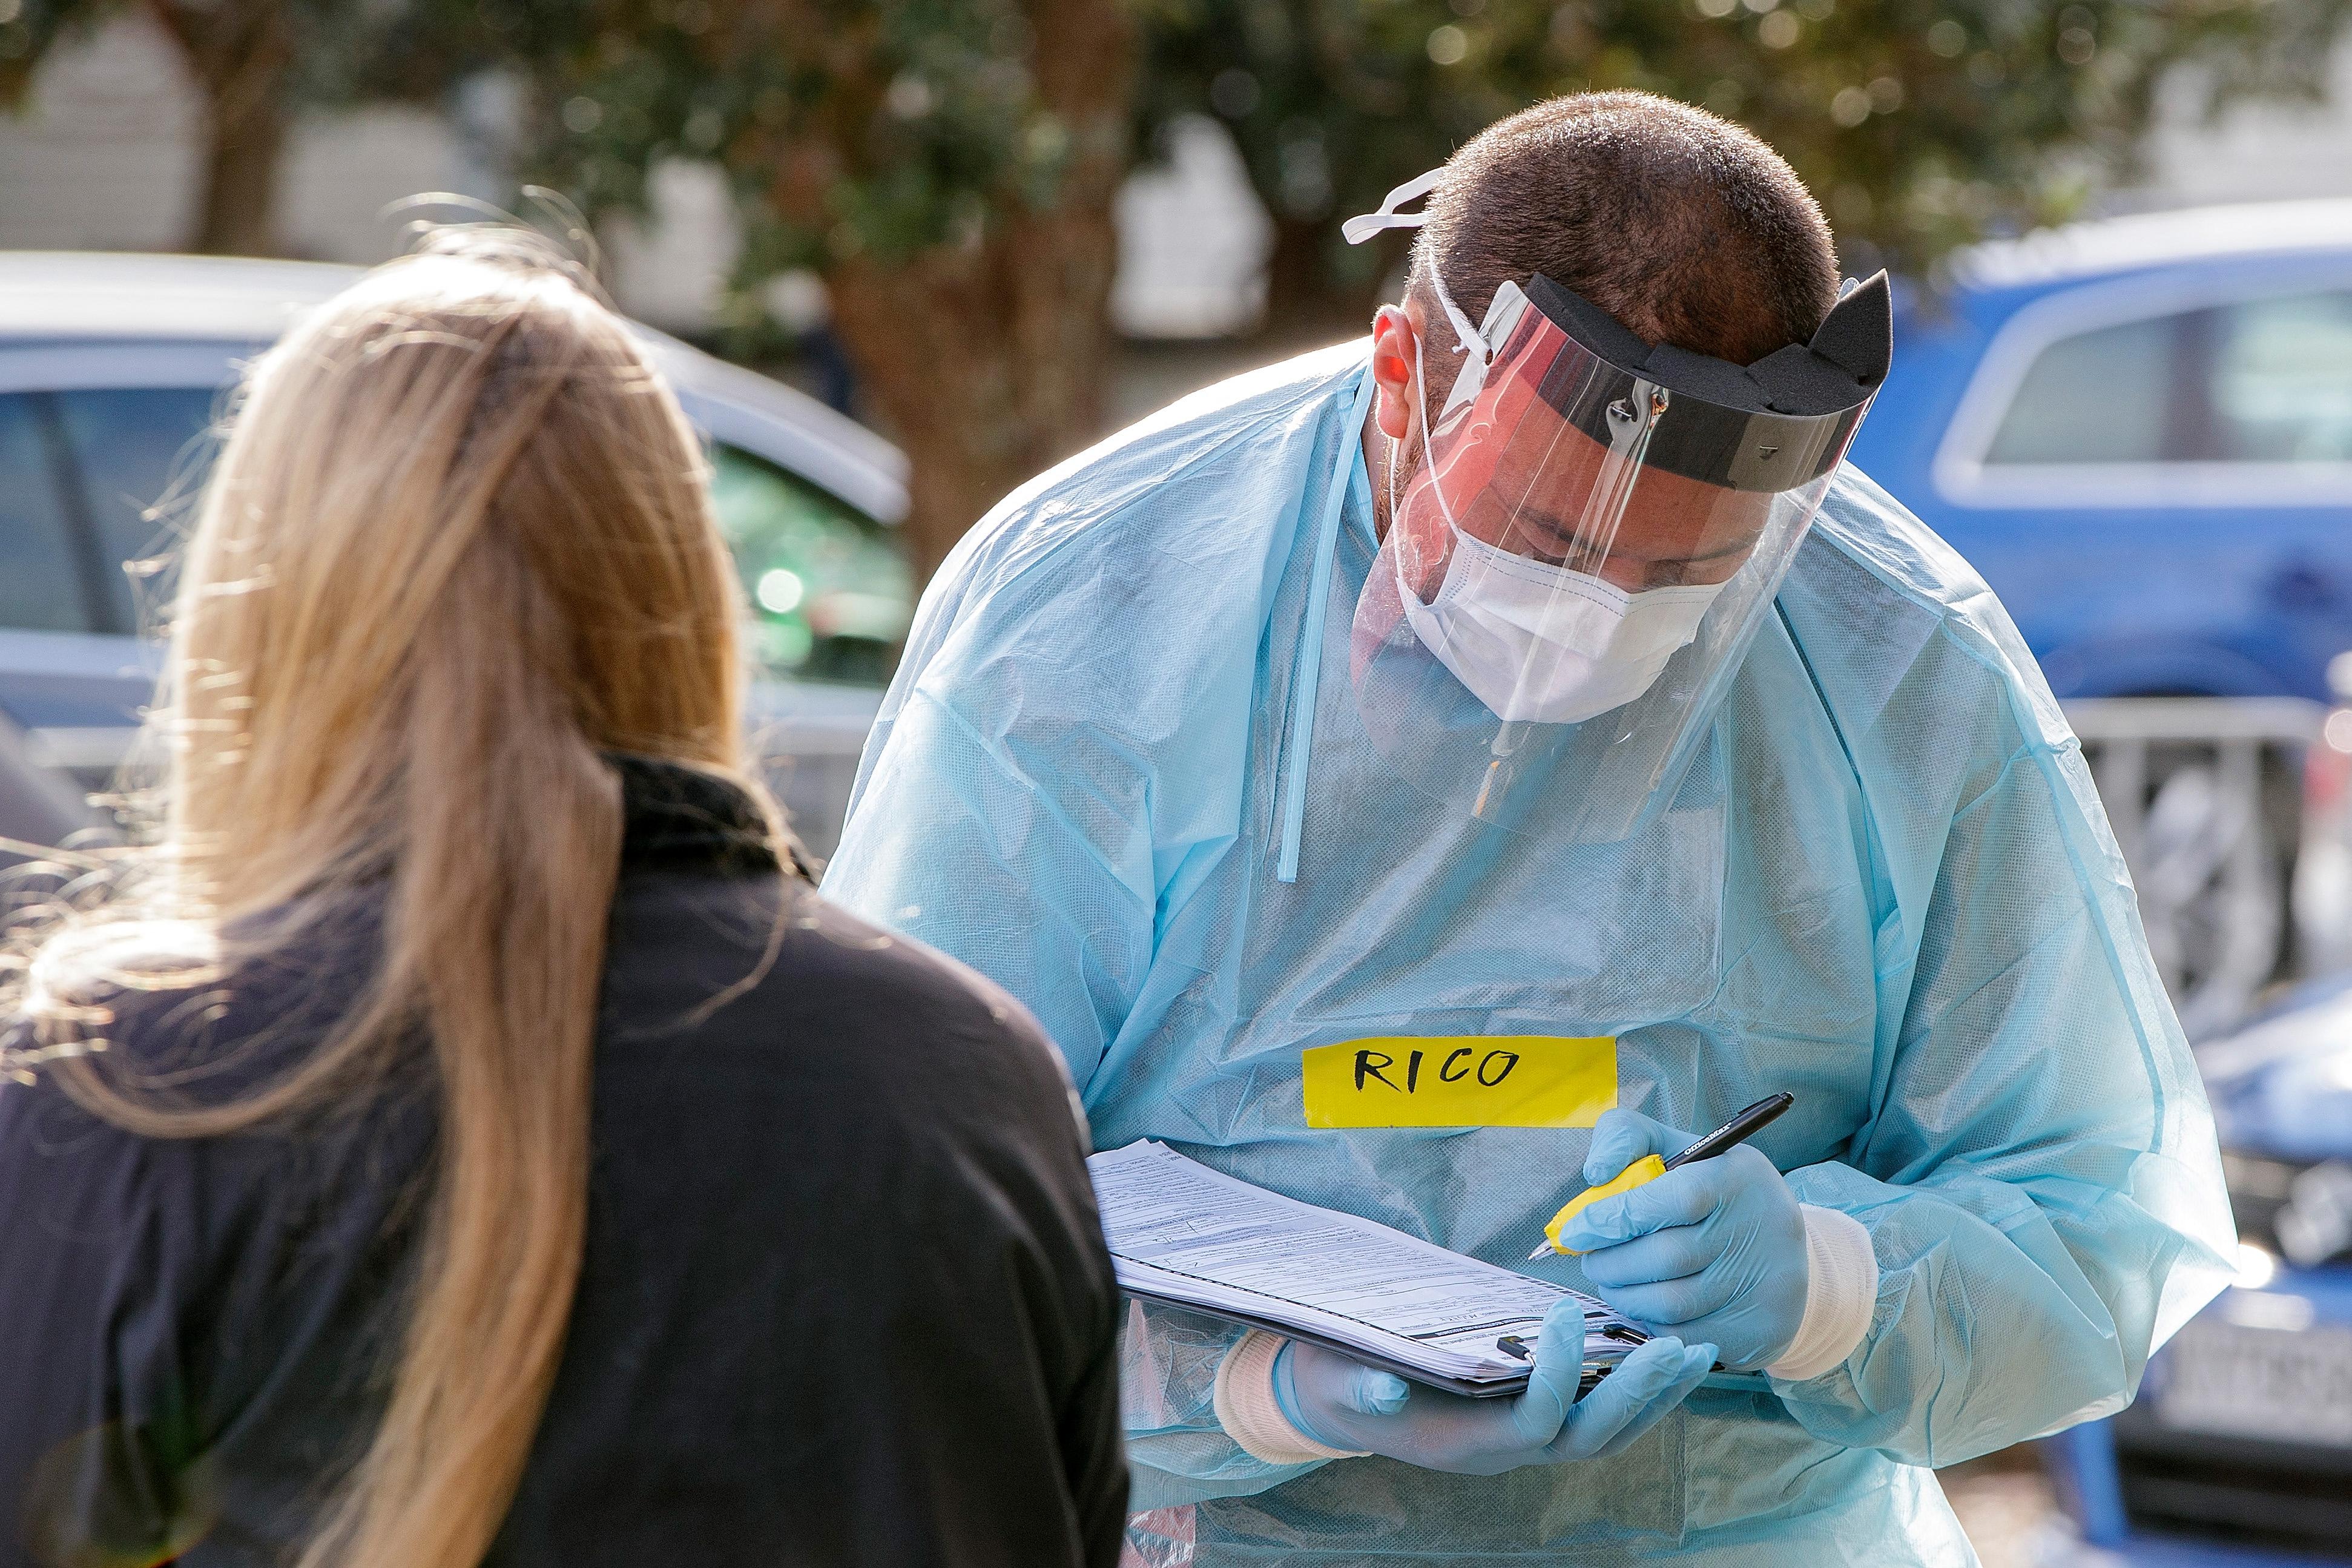 Véget ért az egy fertőzött miatt elrendelt egyhetes zár Aucklandben